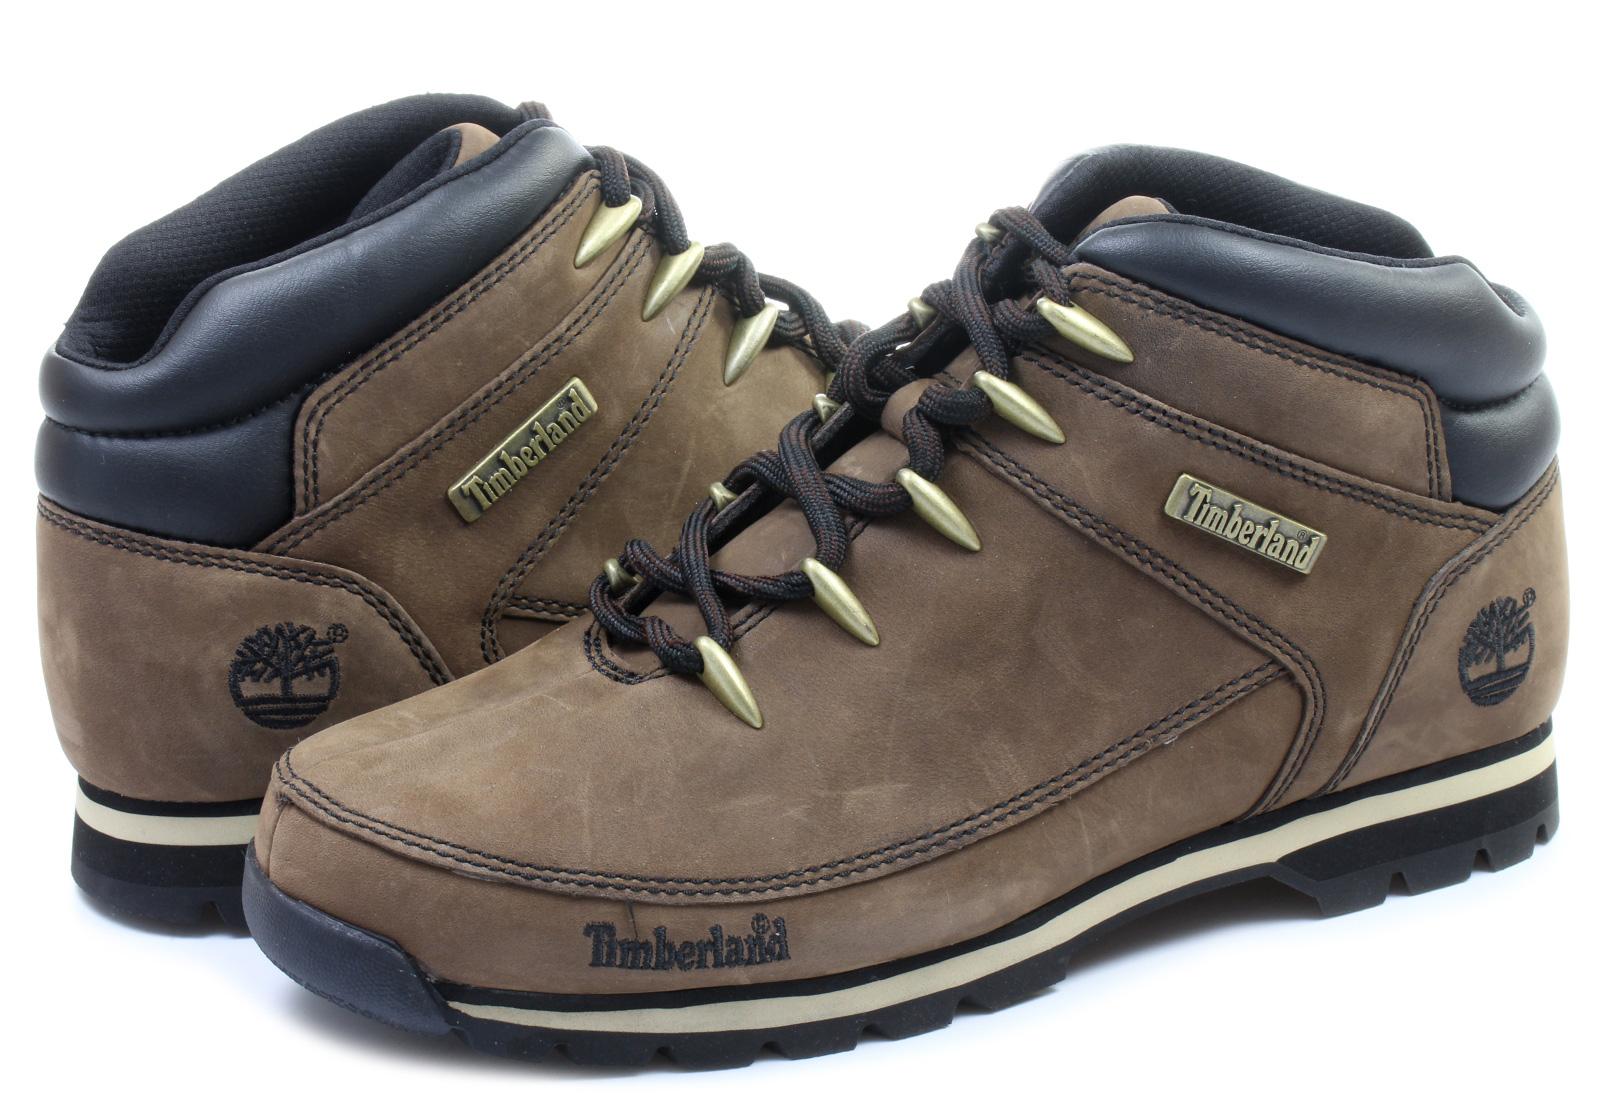 Timberland Boots Euro Sprint Hiker 6708a Dbr Online